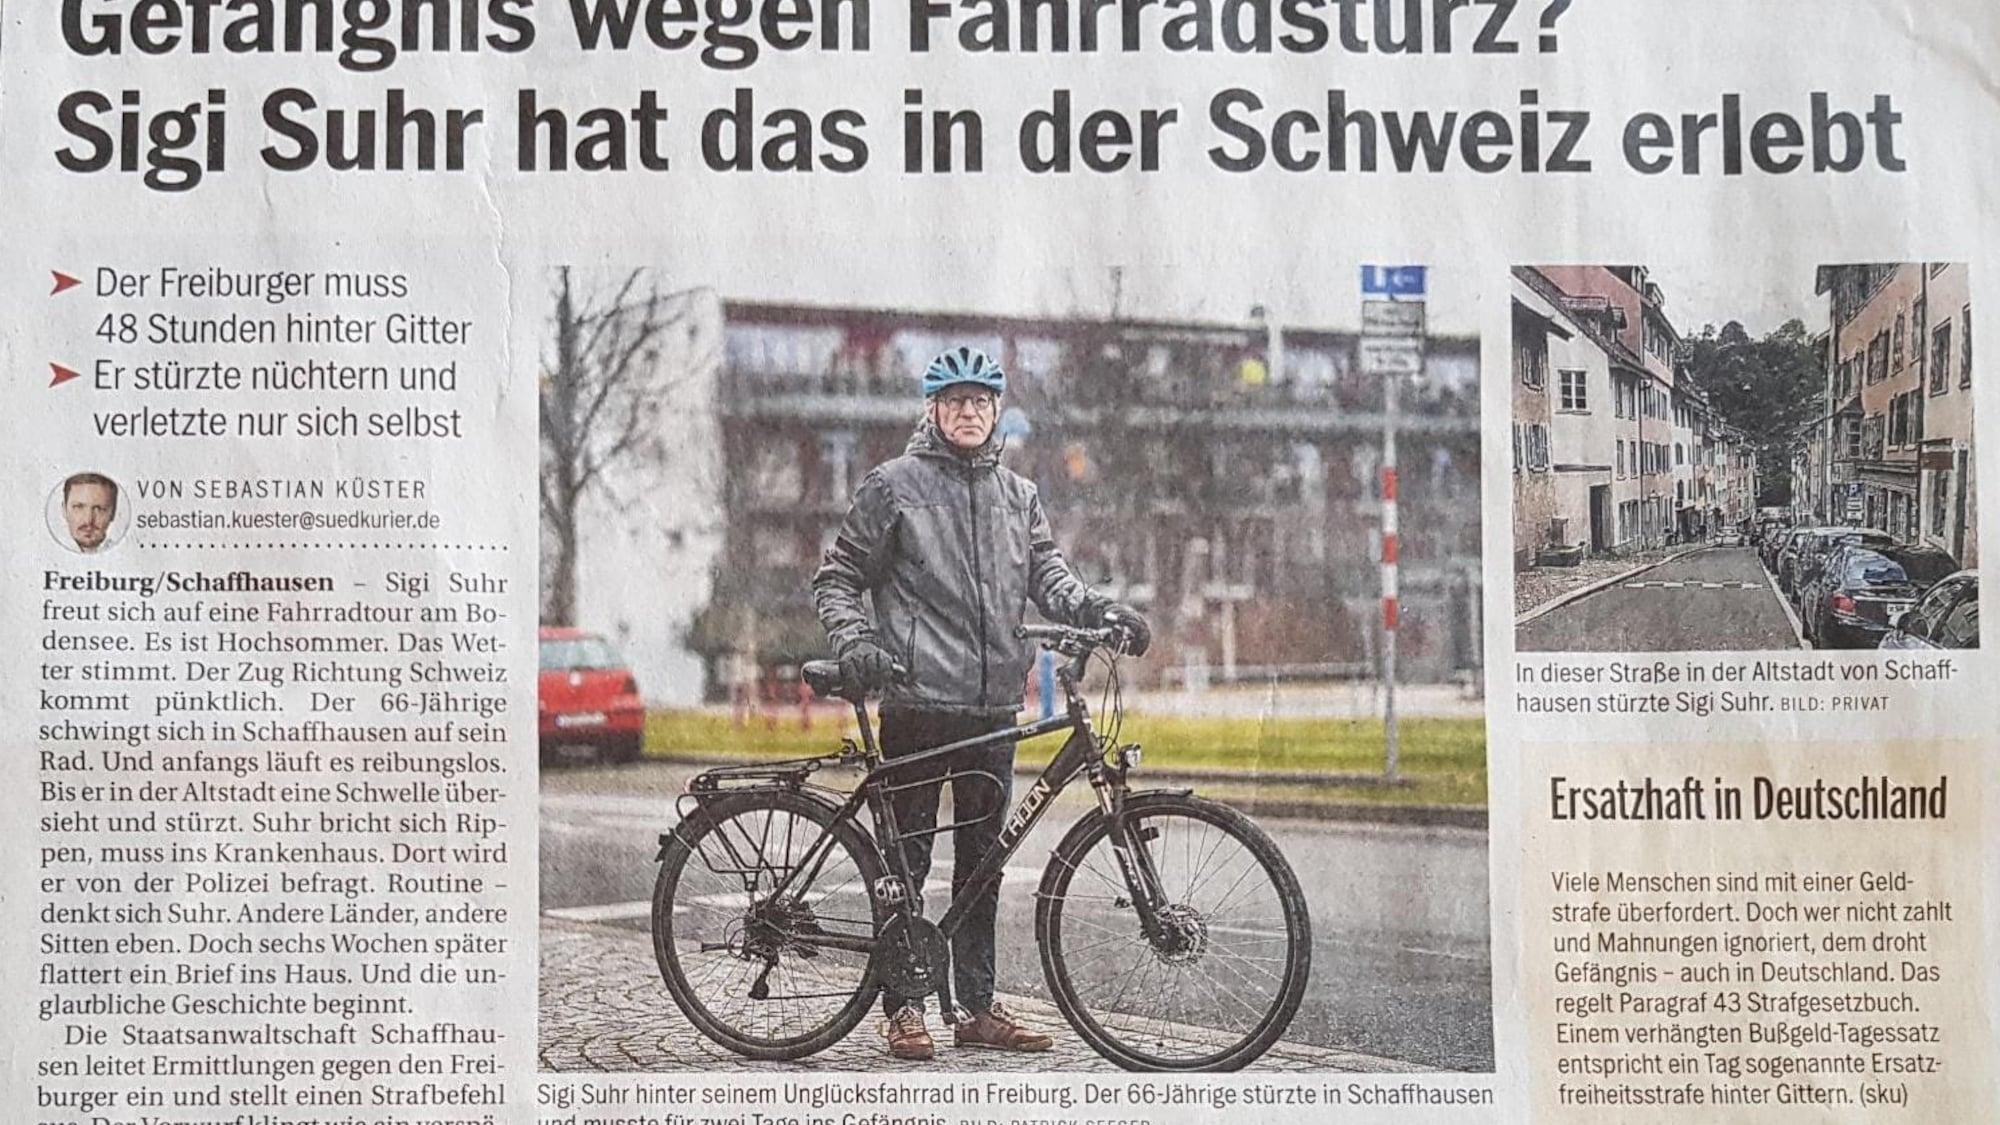 Schaffhauser Bussen-Irrsinn macht Schlagzeilen: Deutscher (66) muss wegen Velo-Sturz in den Knast